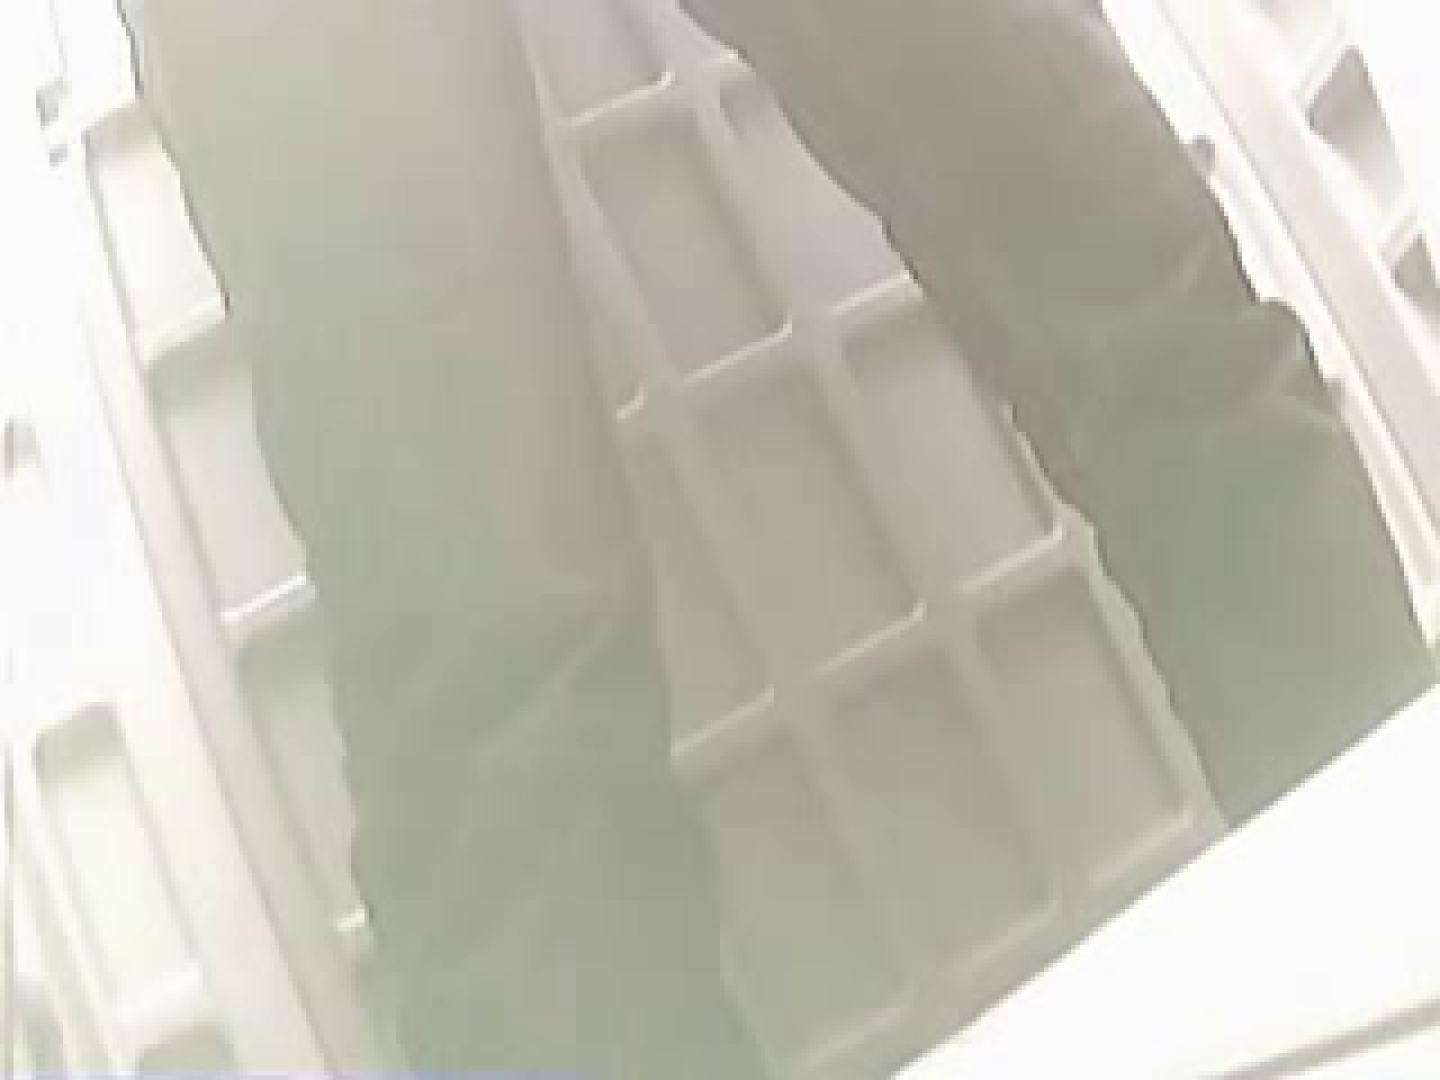 野外の洗面所は危険ですVol.2 美しいOLの裸体   野外  91pic 1